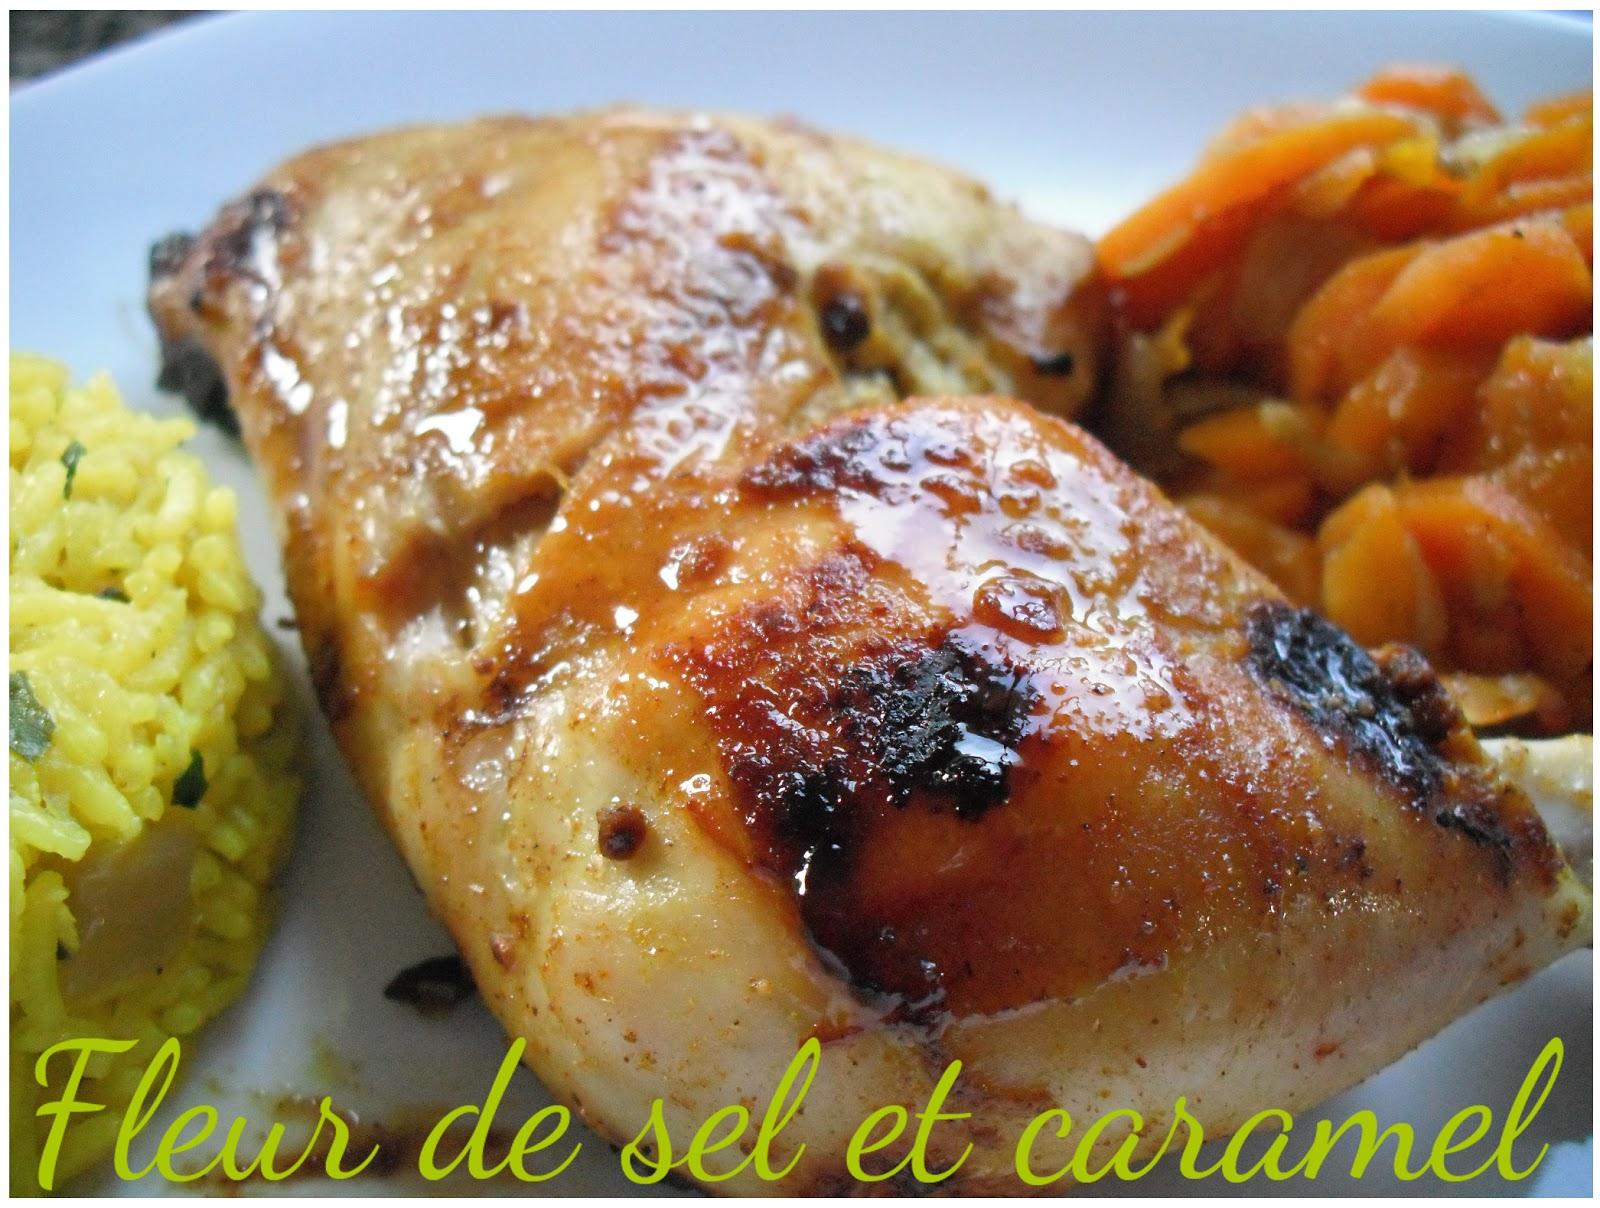 Fleur de sel et caramel cuisses de poulet marin es aux pices - Fleur de sel aux epices grillees ...